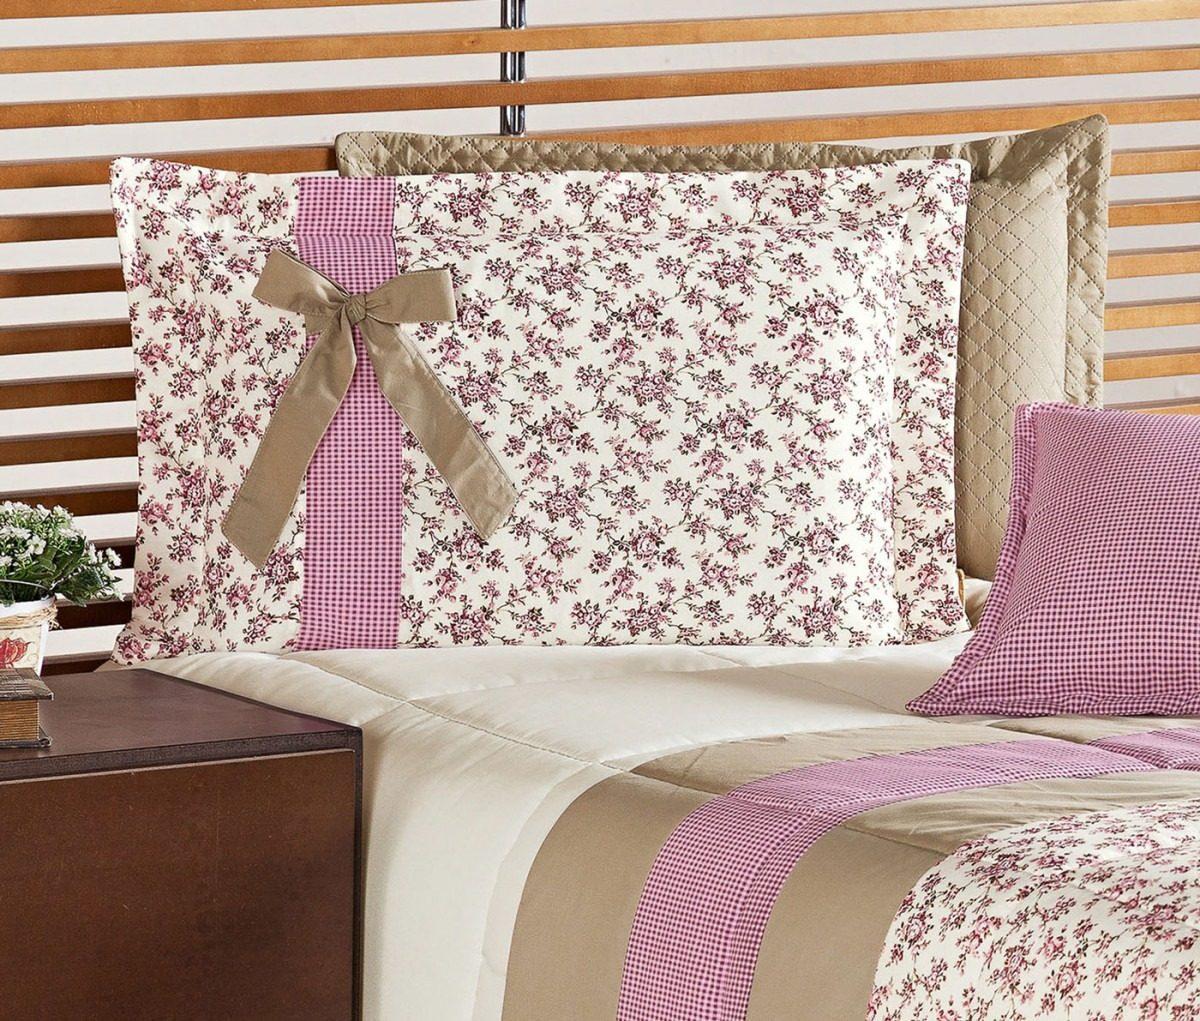 91e936f7b4 kit edredom solteiro júlia cama 4 peças estampa floral rosê. Carregando  zoom.